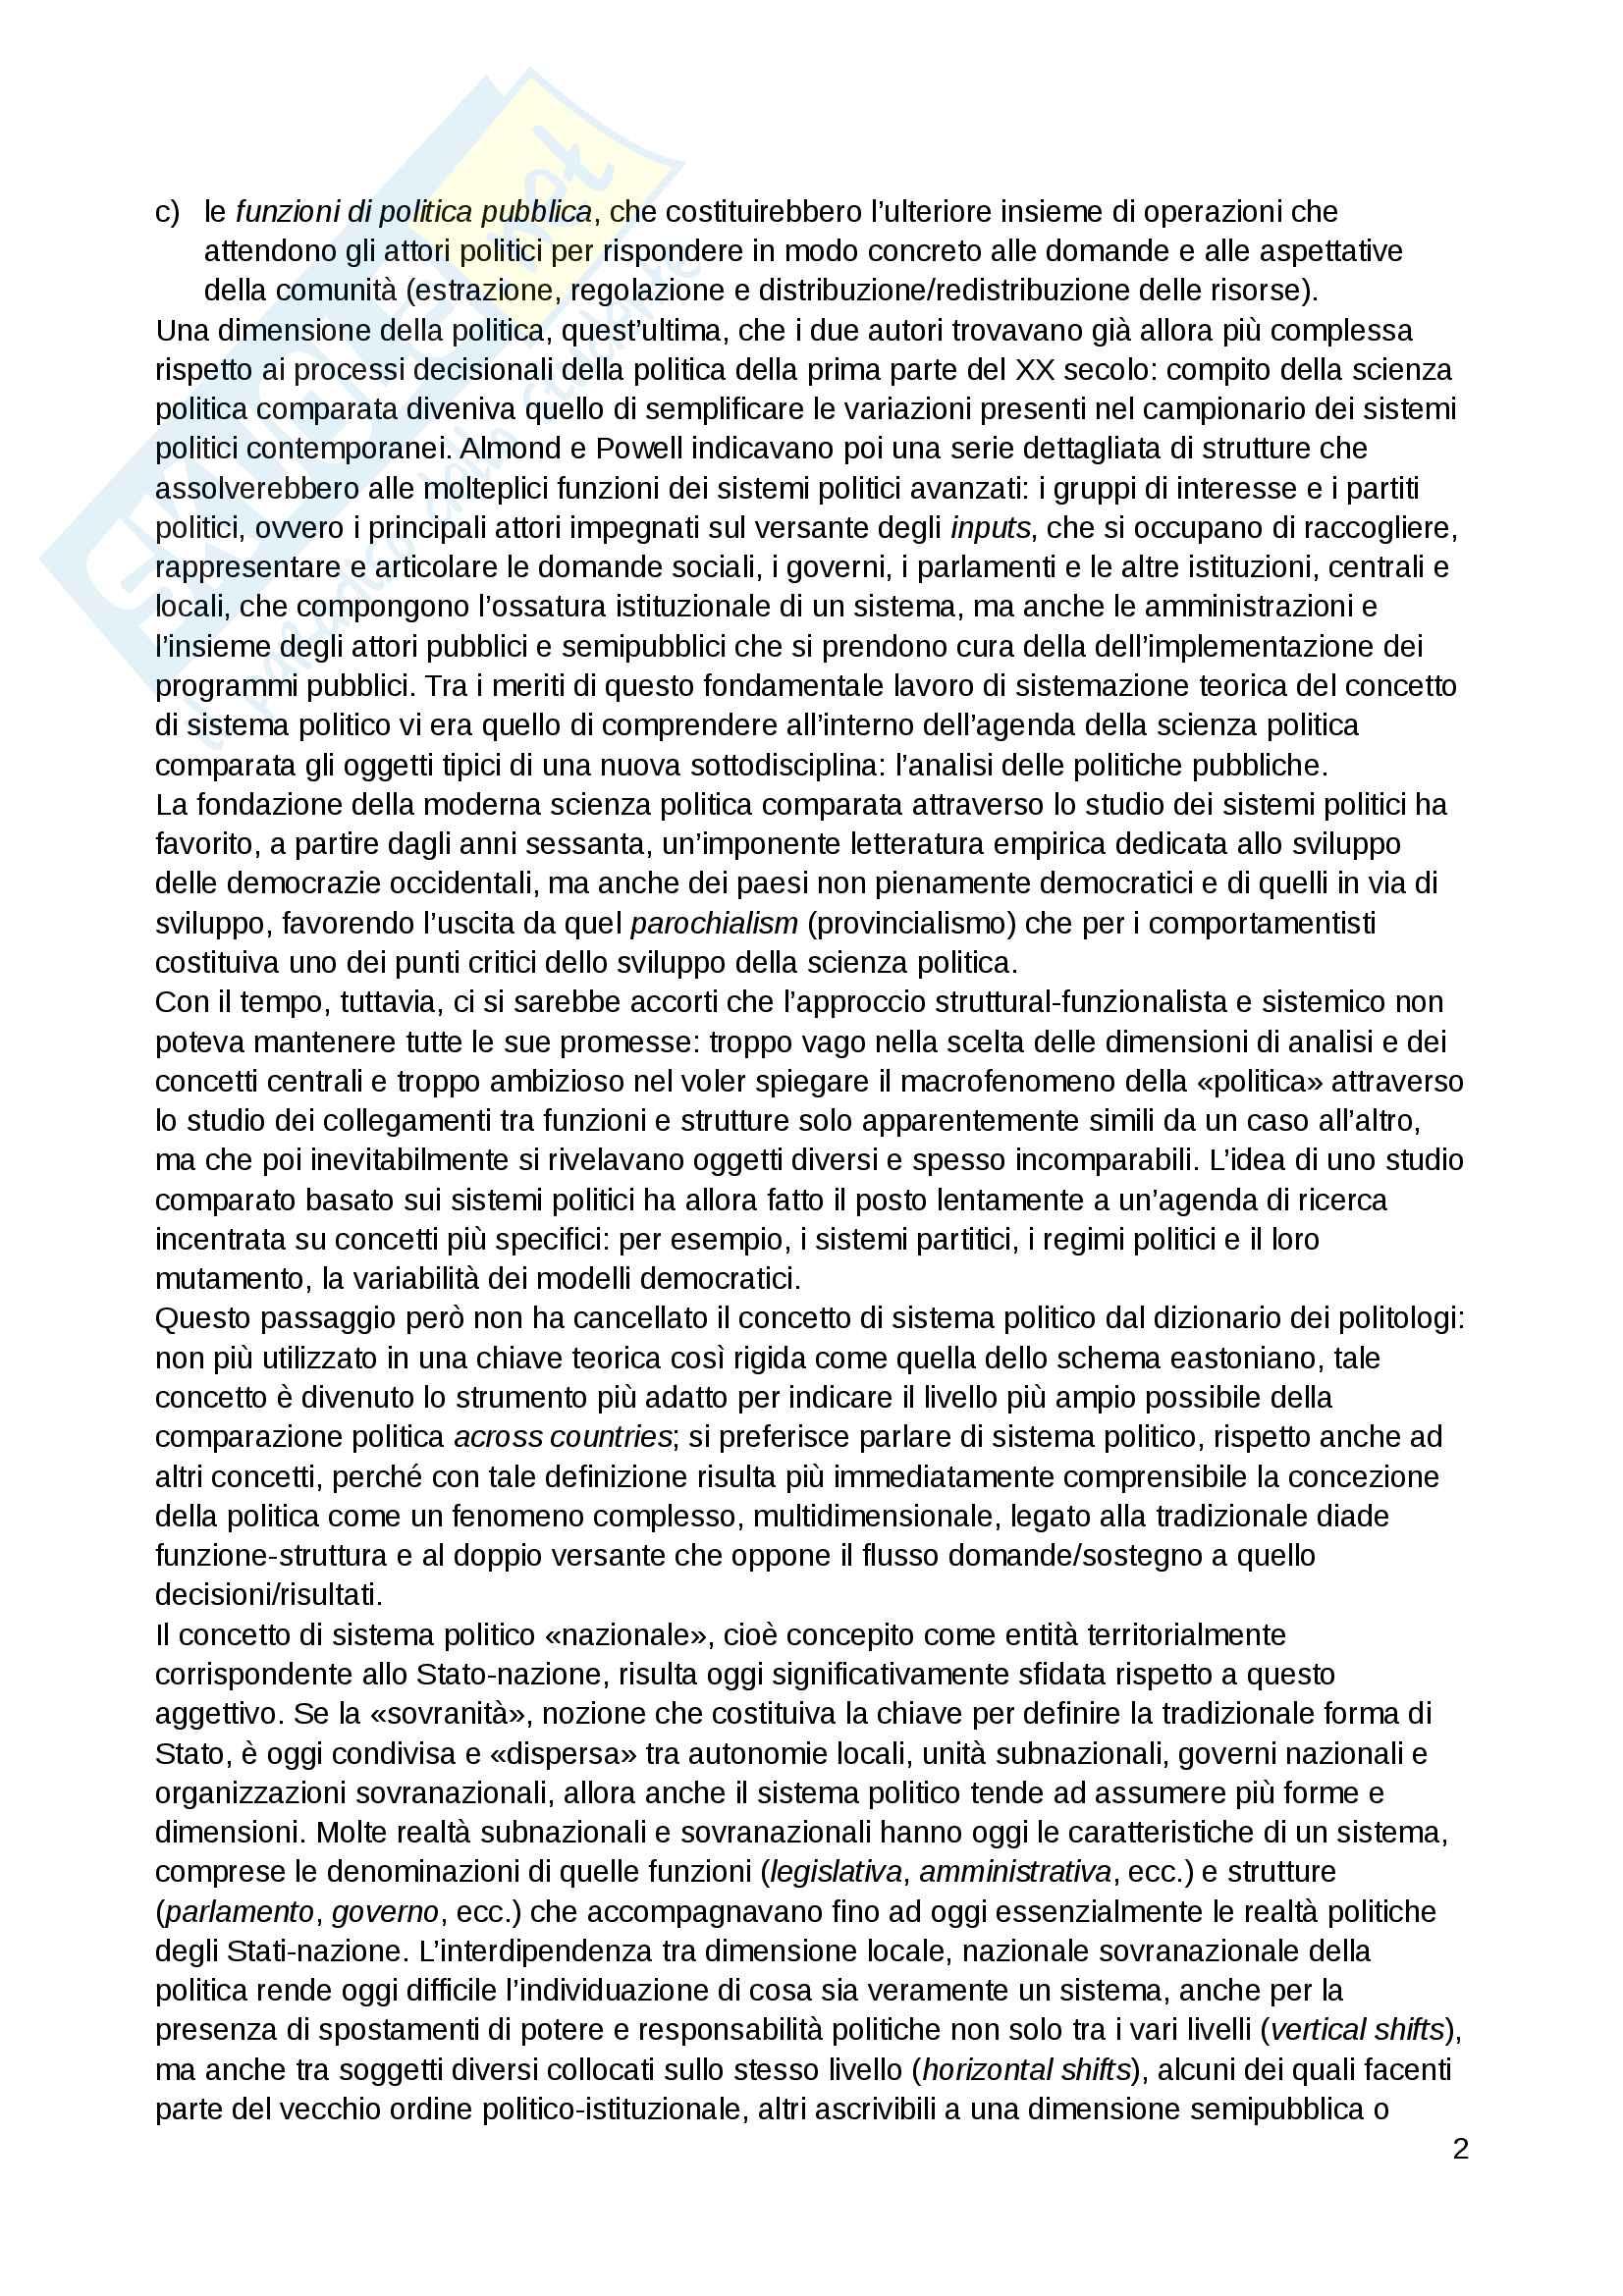 """Riassunto esame Scienza politica, docente Massari, libro consigliato: """"Il sistema politico italiano"""", Cotta, Verzichelli Pag. 2"""